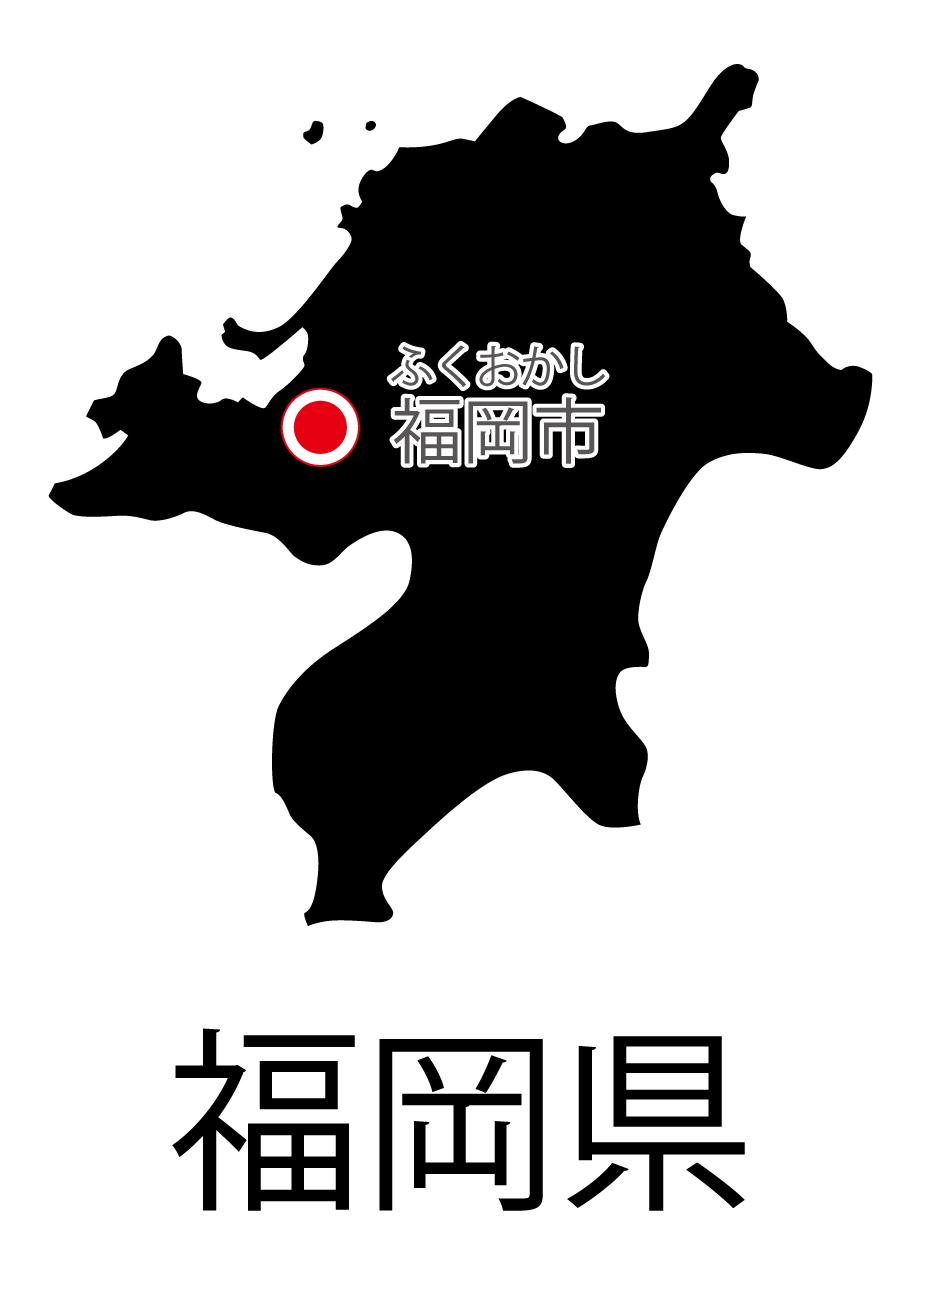 福岡県無料フリーイラスト|日本語・都道府県名あり・県庁所在地あり・ルビあり(黒)